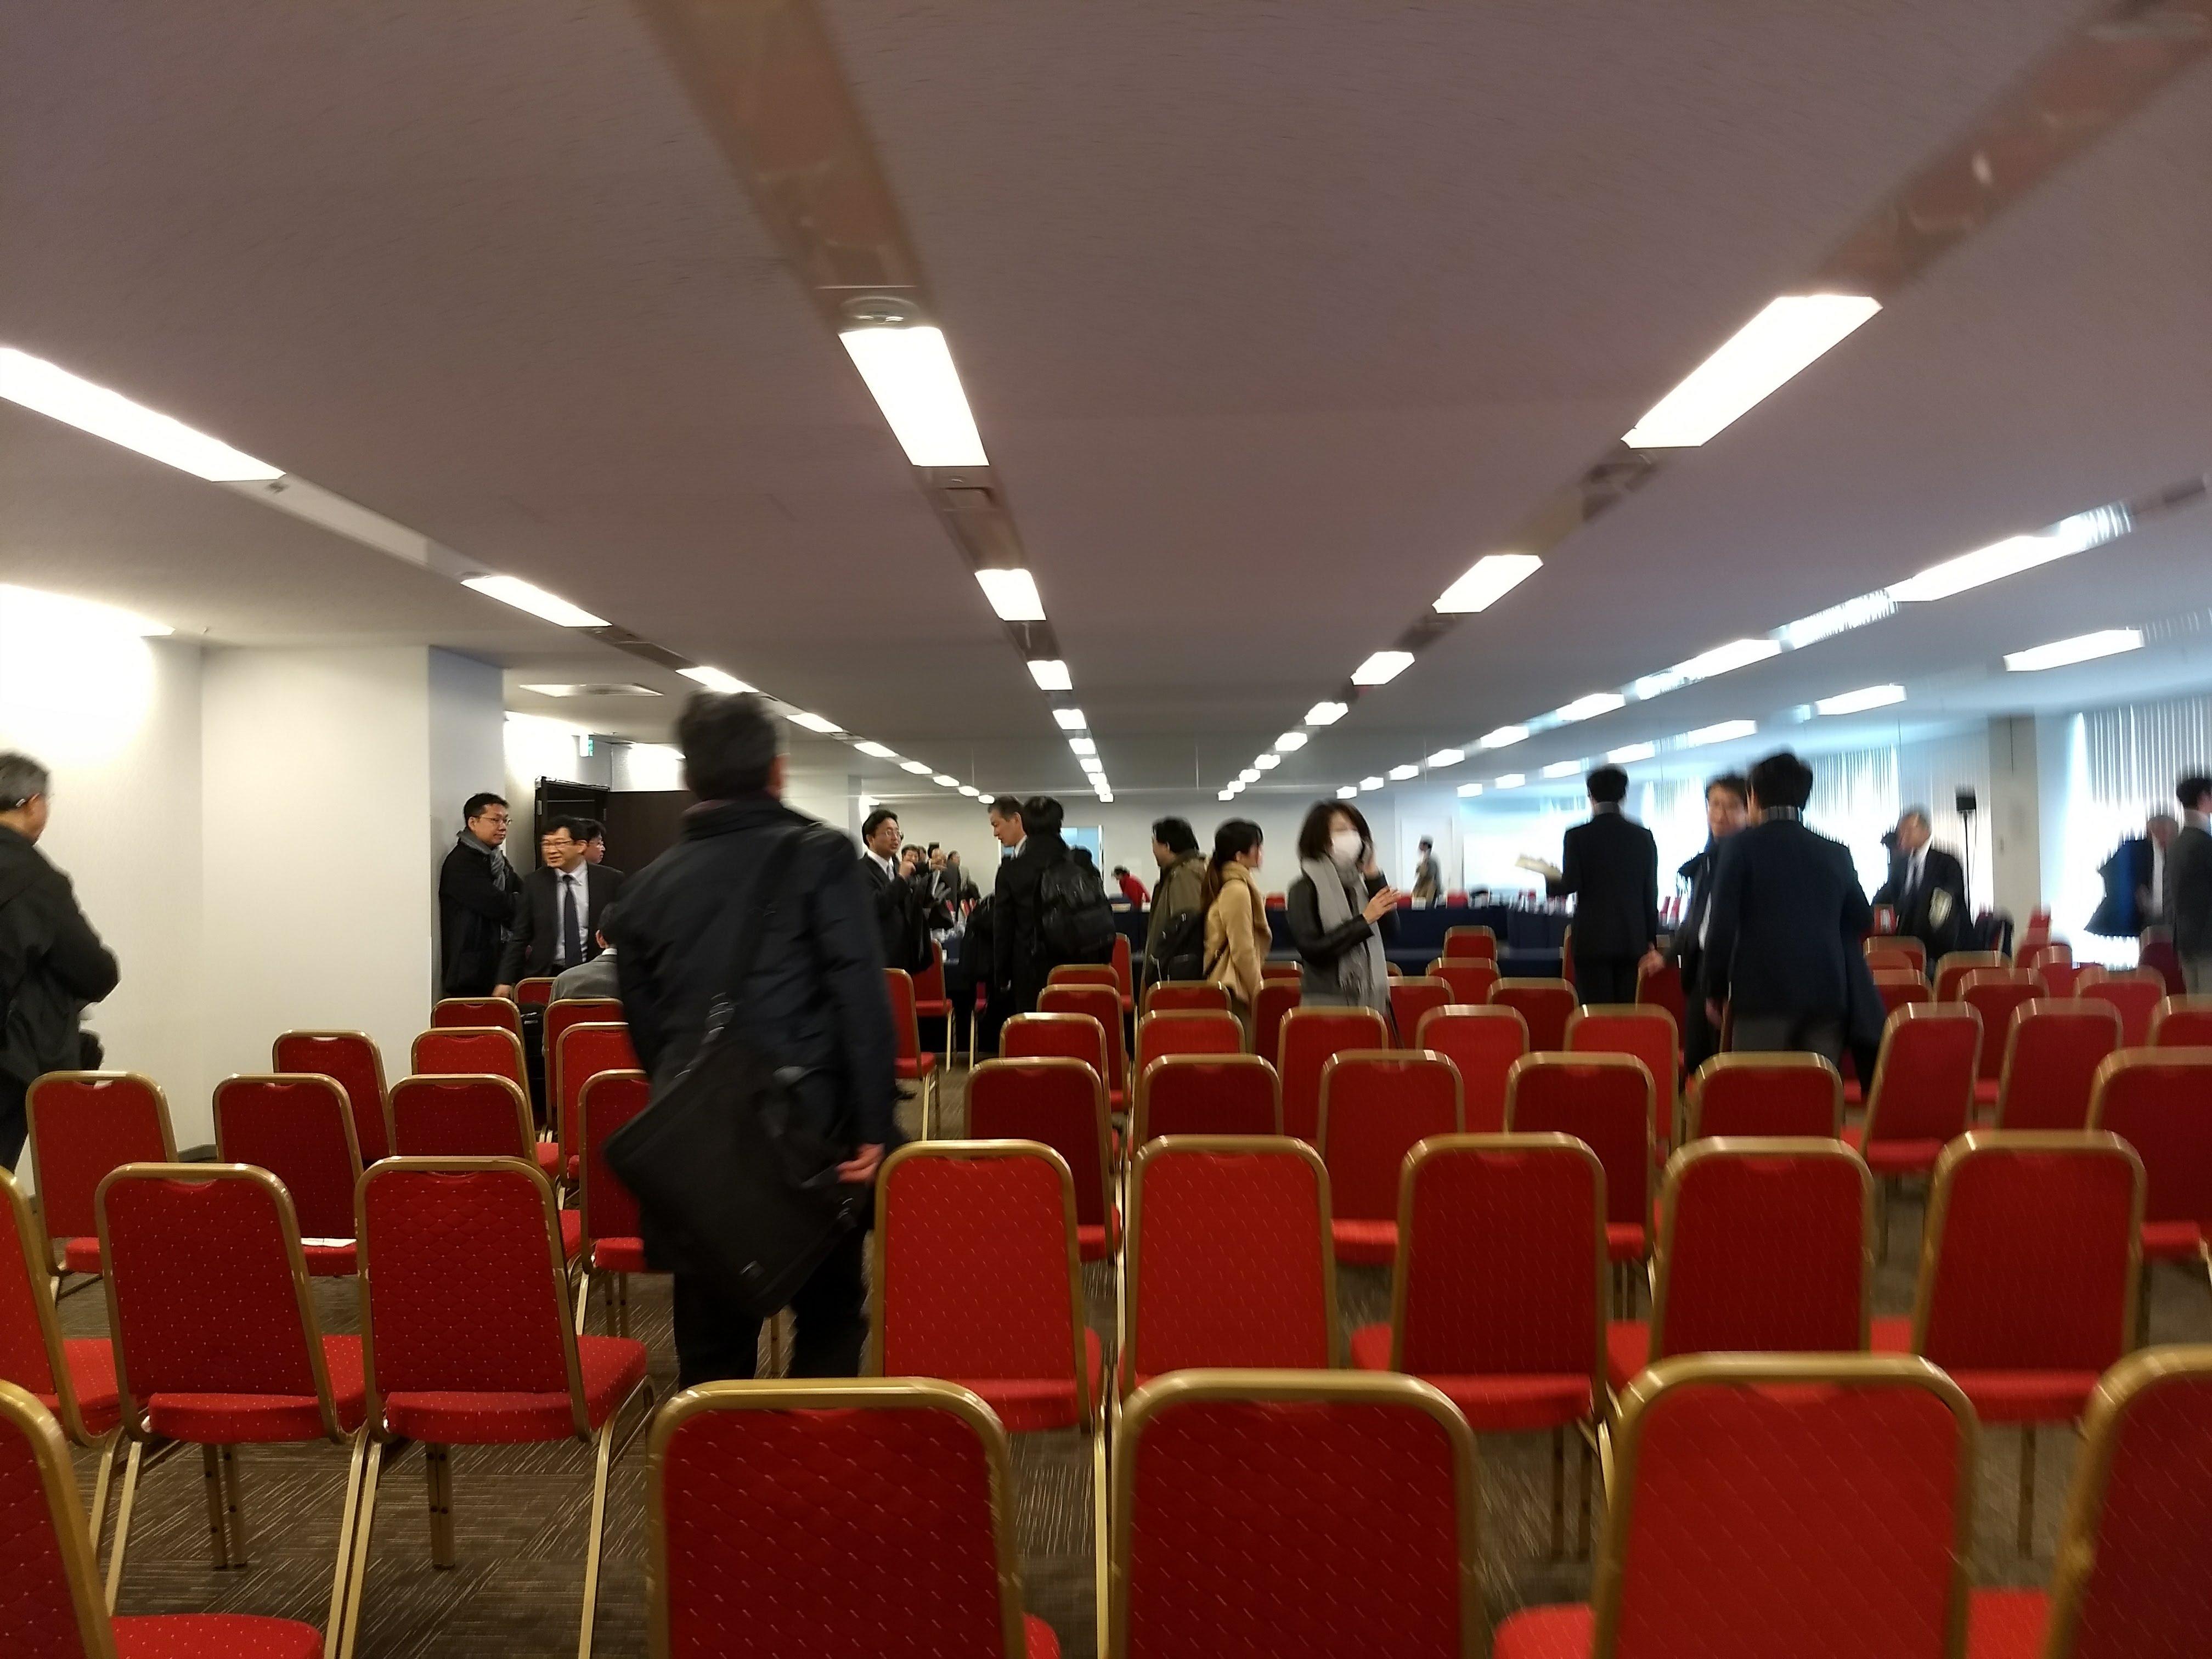 活発化する総務省での議論を追う〜関根禎嘉連載・メディアイベント右往左往《第13回》〜